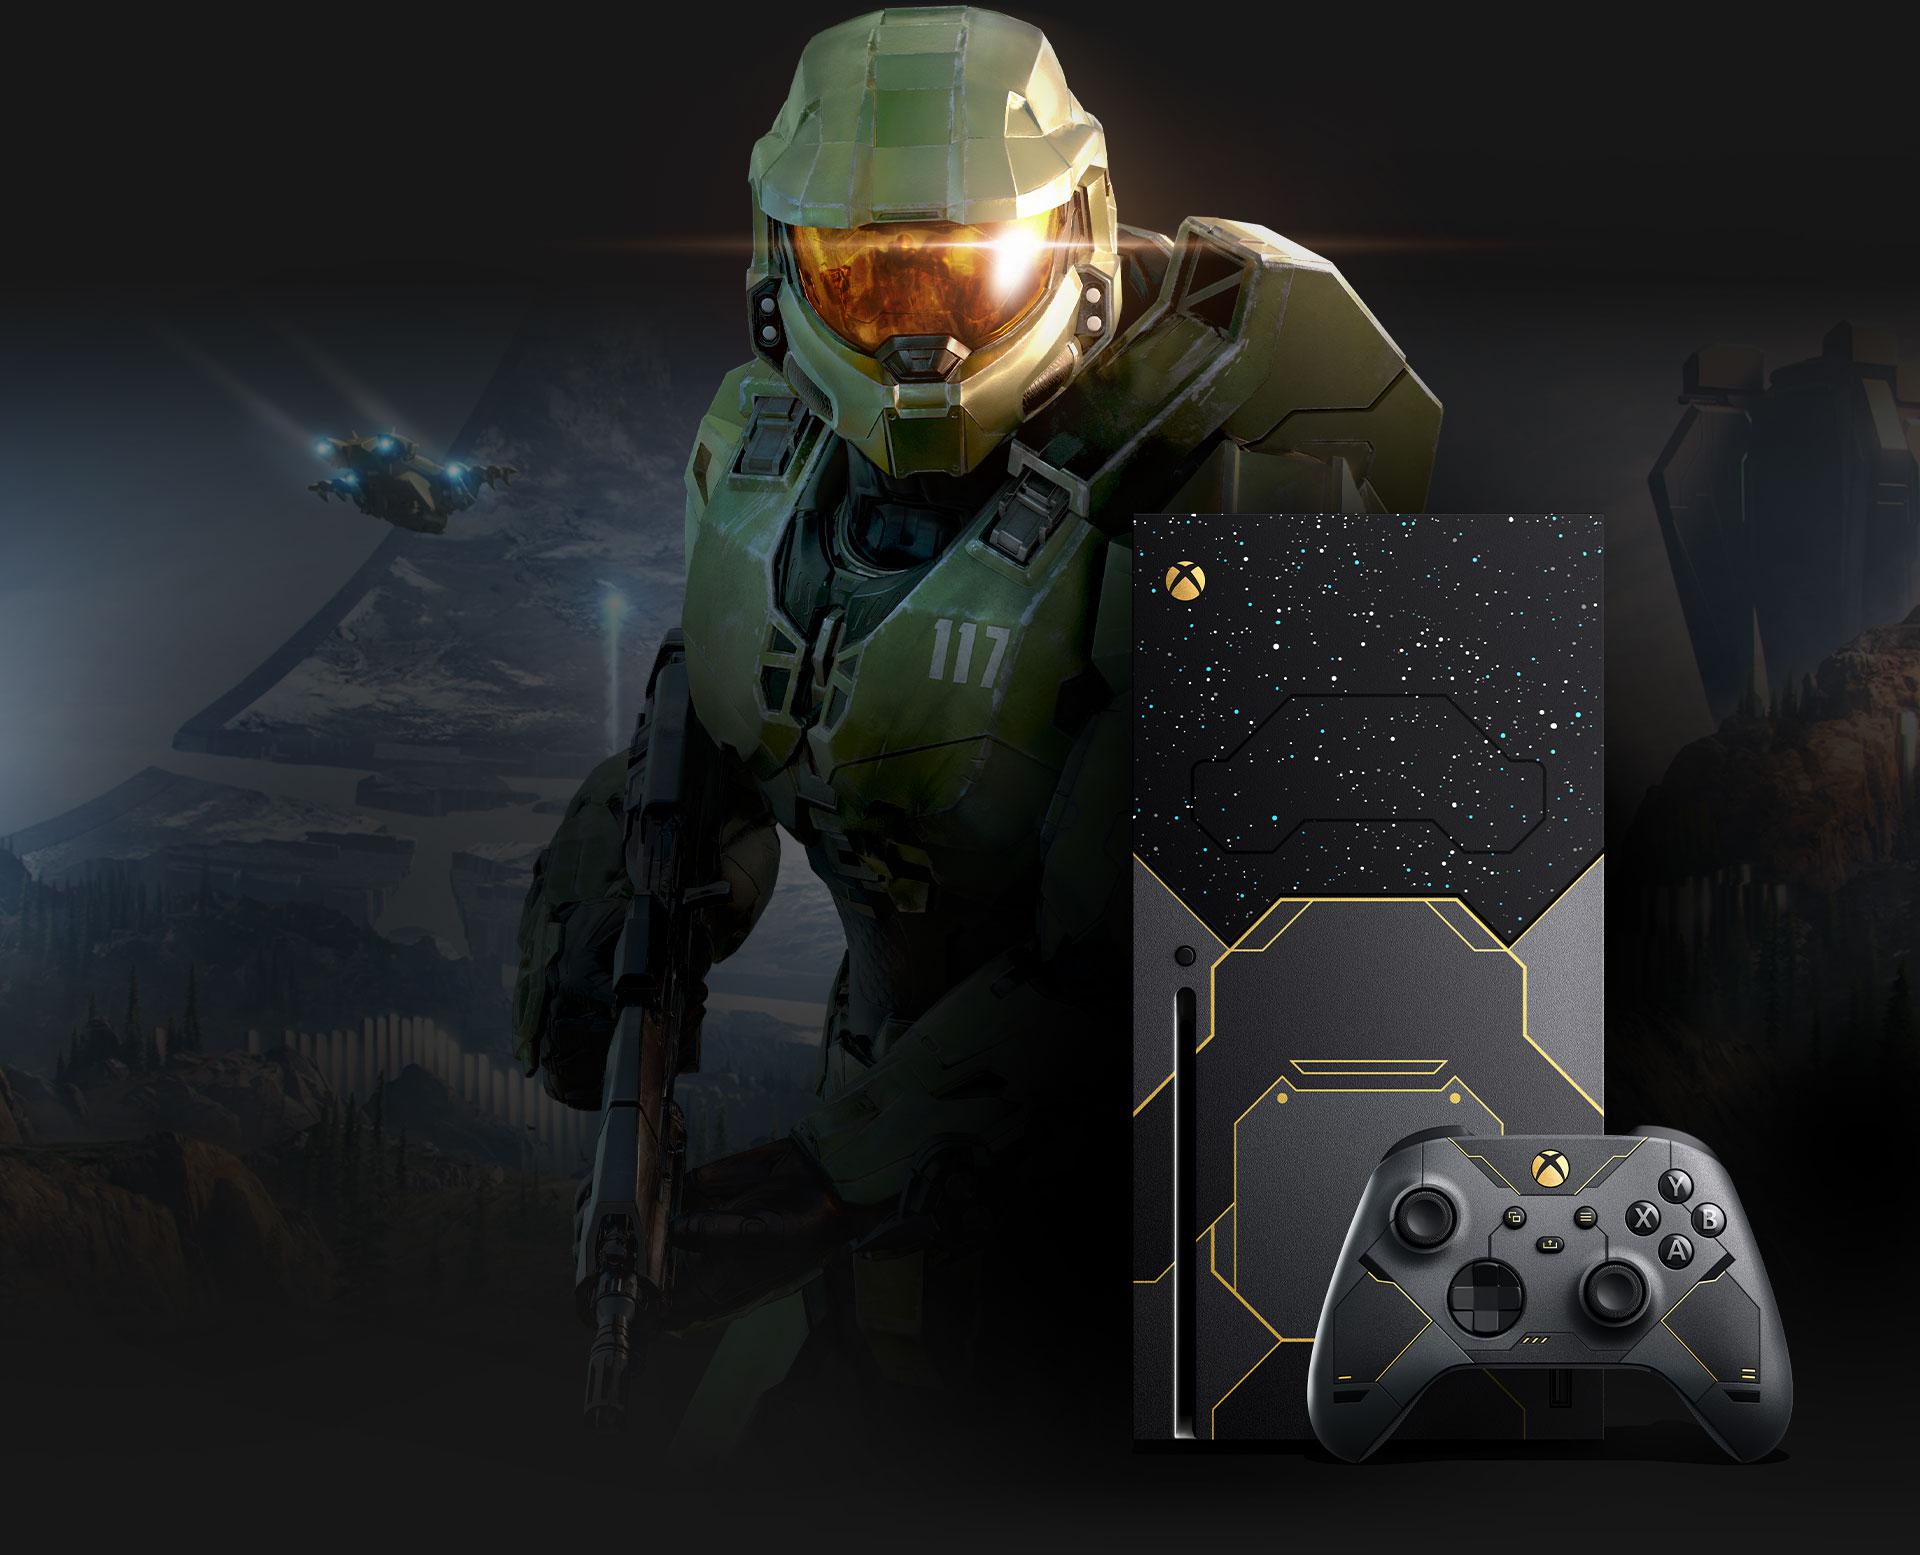 Master Chief accanto alla console Xbox SeriesX Halo Infinite in edizione limitata